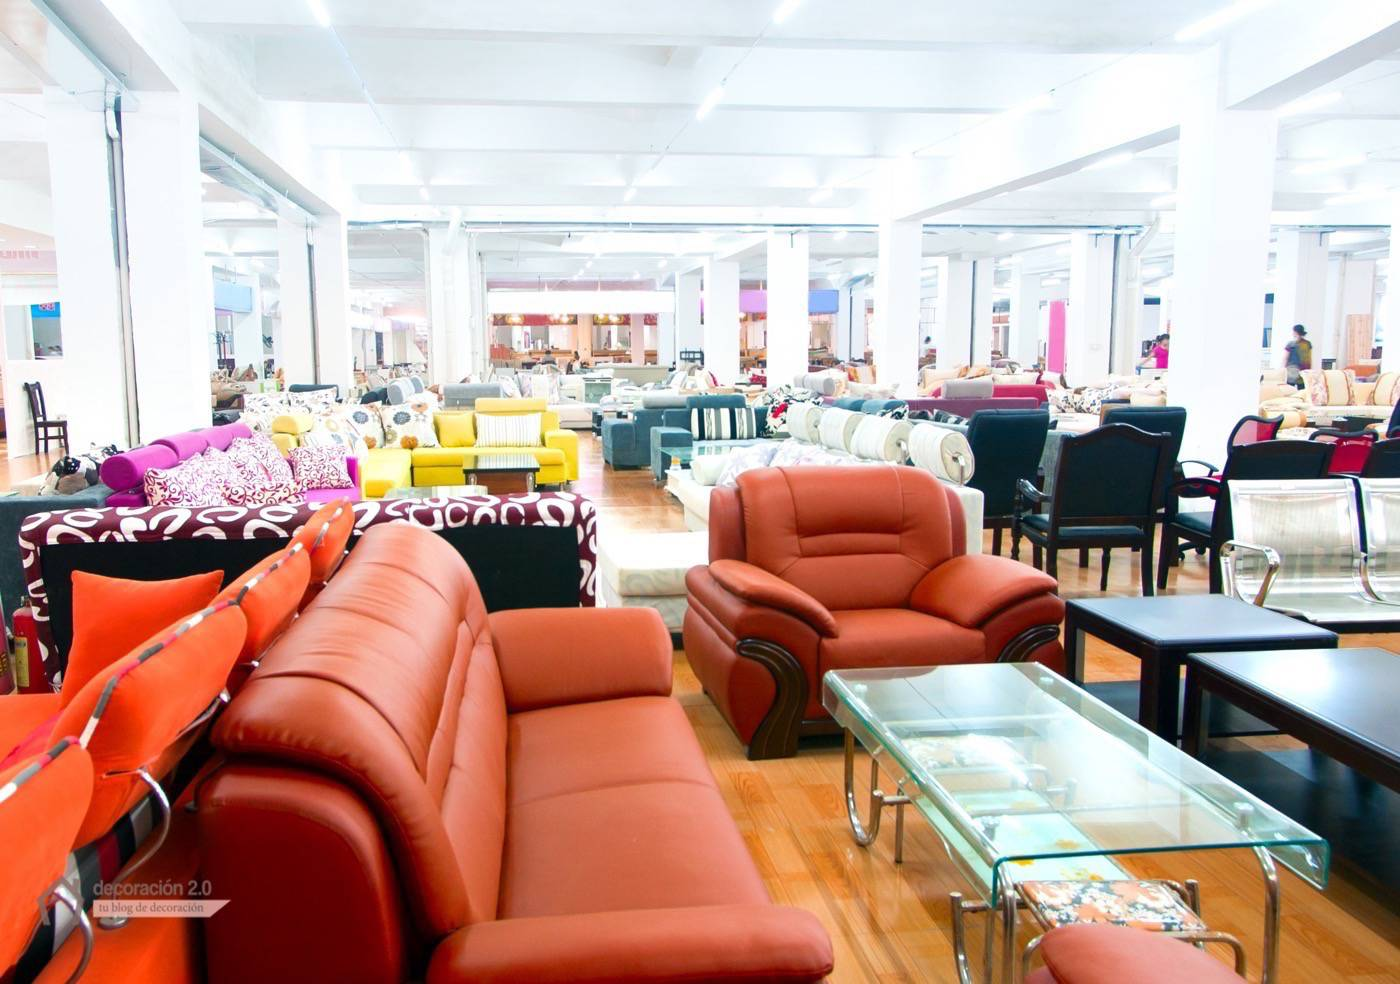 7 sitios donde comprar muebles baratos y gangas for Muebles de oficina madrid baratos